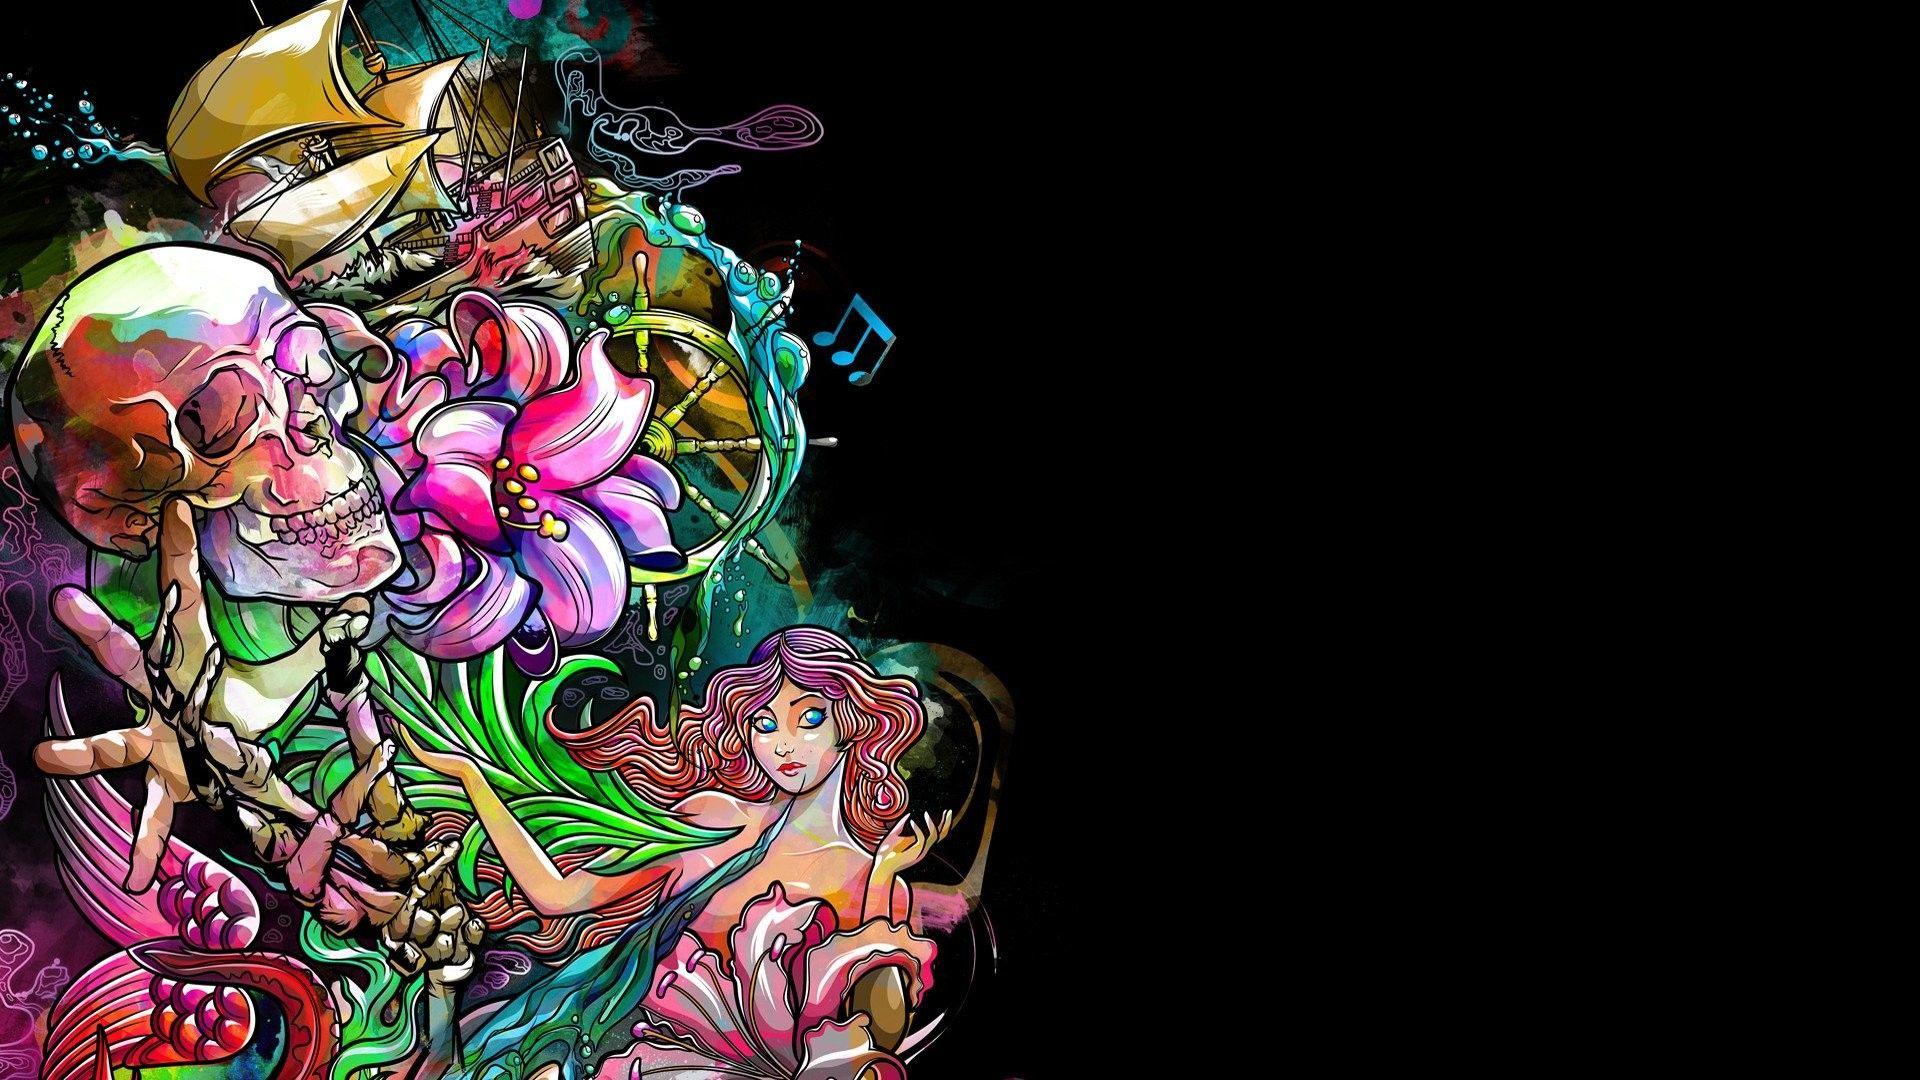 Art ID: 117858